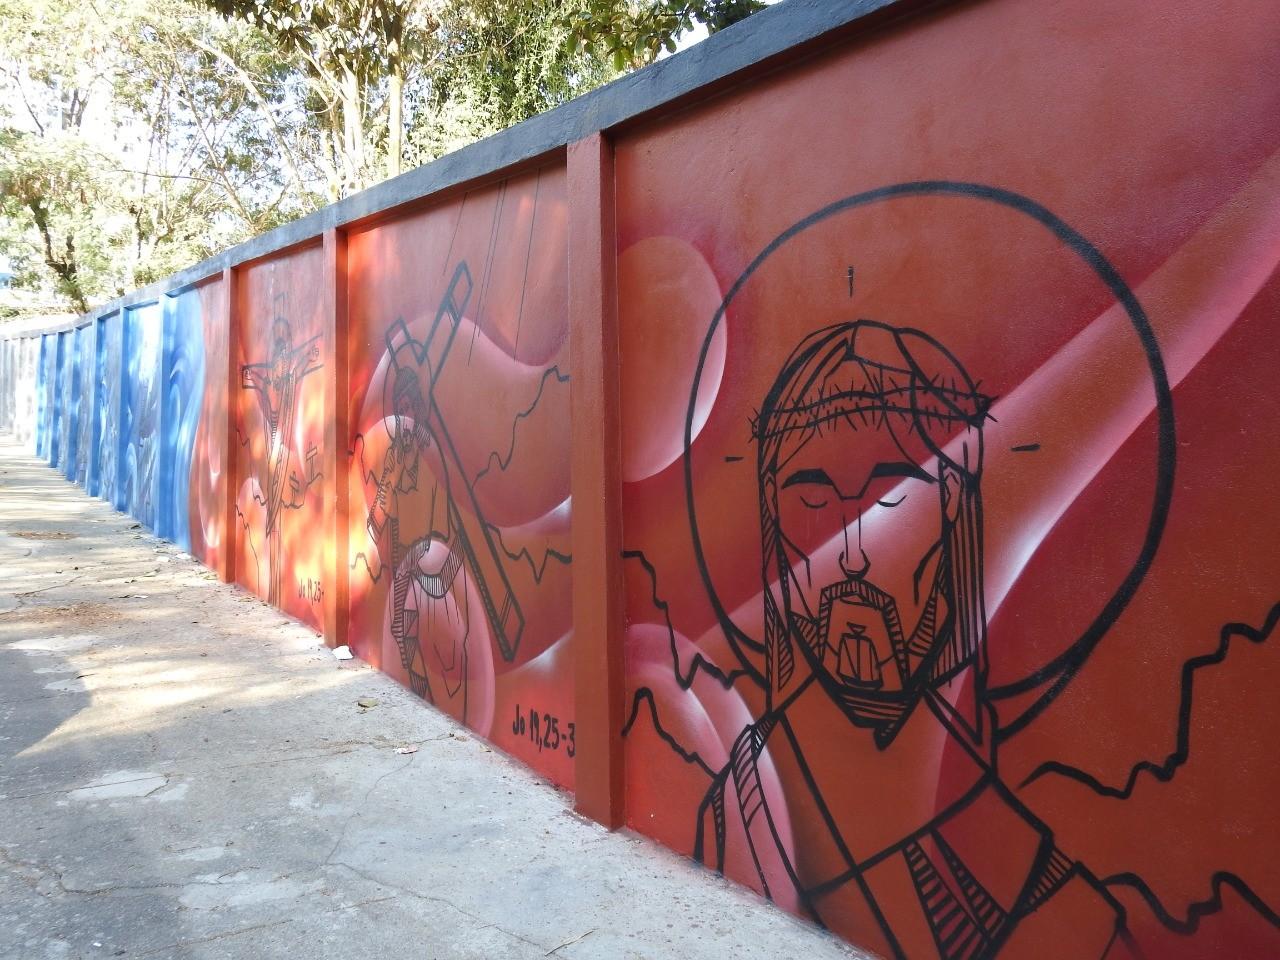 'Quebra de paradigma': artistas em Juiz de Fora comemoram repercussão de mural grafitado com cenas religiosas - Notícias - Plantão Diário